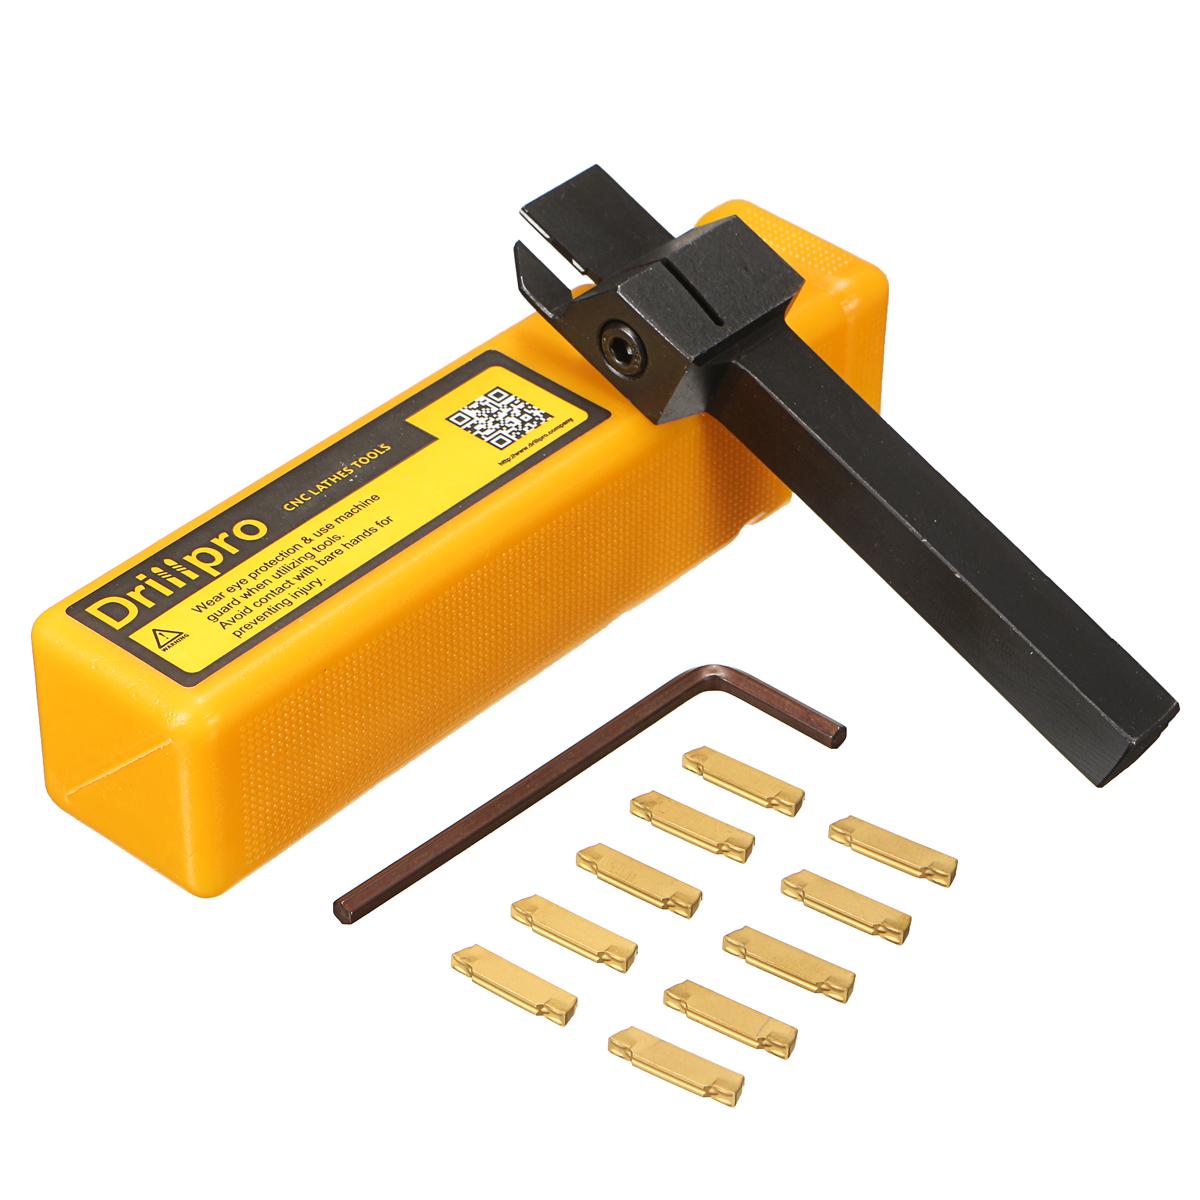 MGEHR 1010-2 10x10 x100mm Паз Инструмент Держатель с 10шт. MGMN200 Вставной нож для резки 2 мм